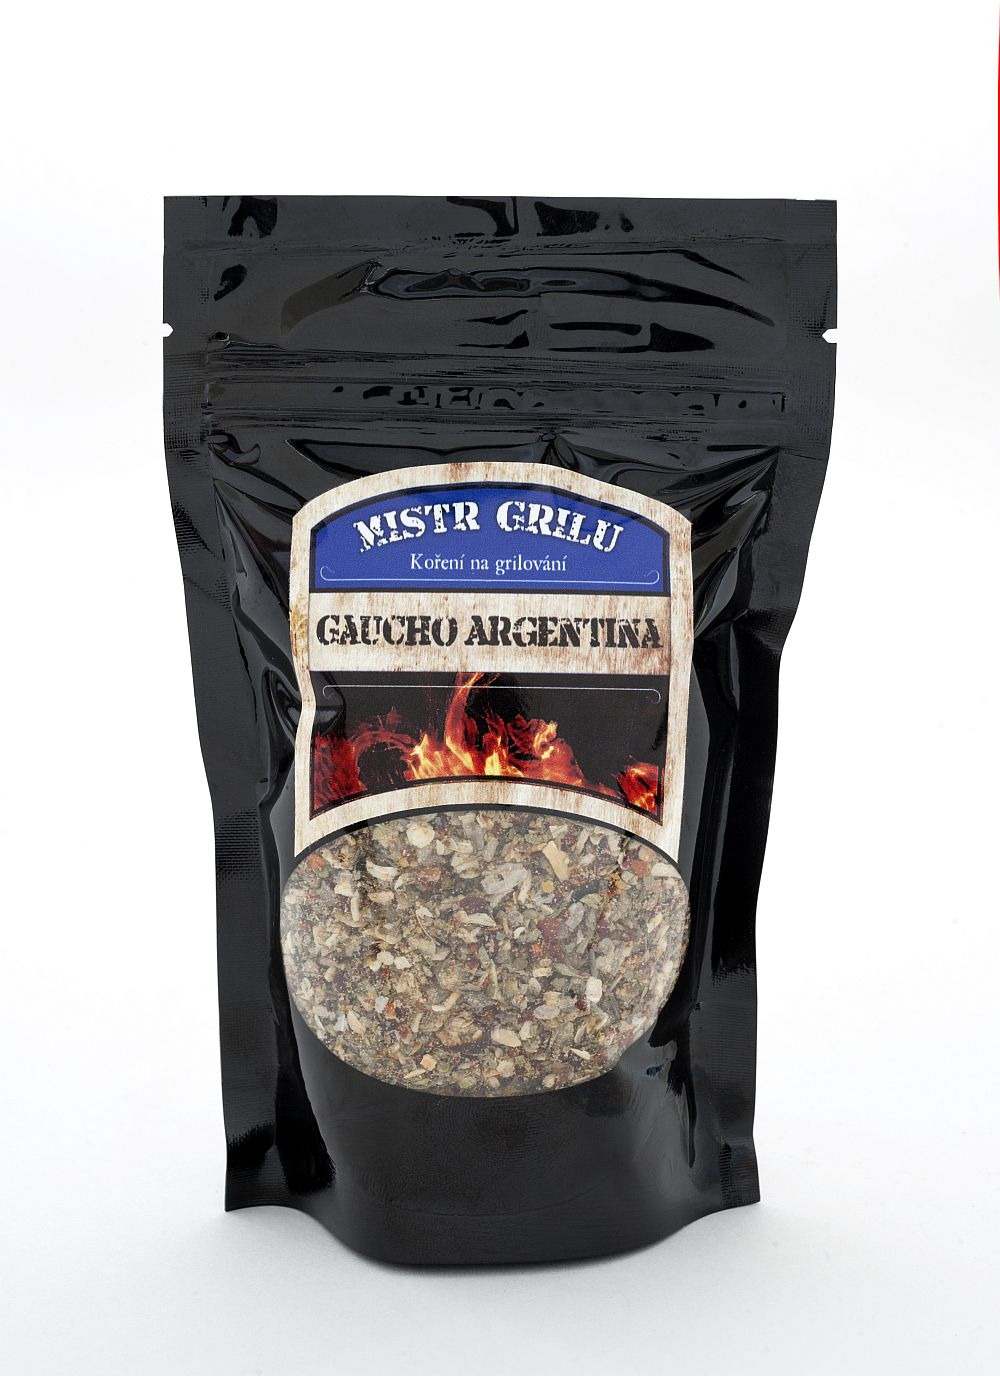 Koření Gaucho Argentina 150g